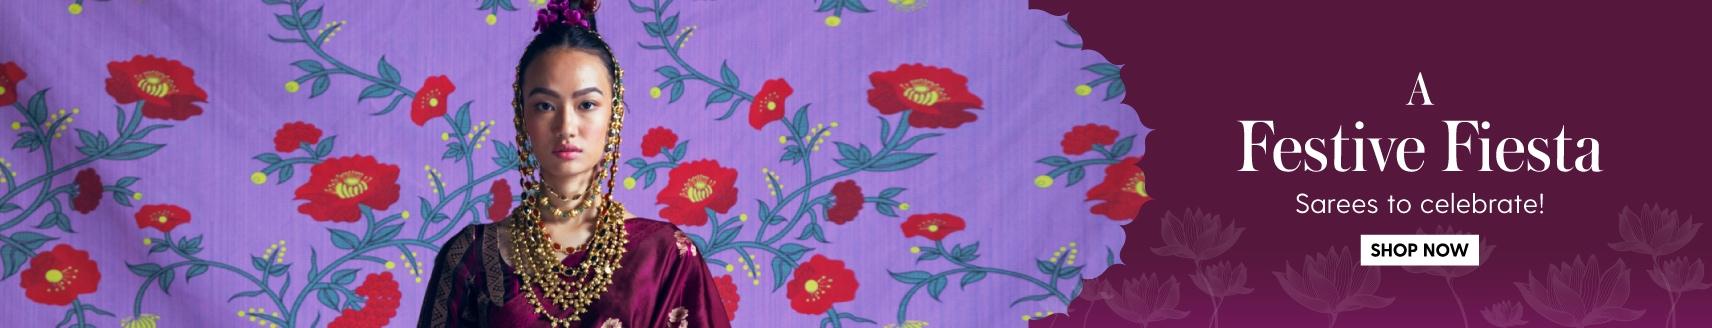 trends/festive-sarees?utm_source=LandingPage&utm_medium=Banner&utm_campaign=Festive-Sarees